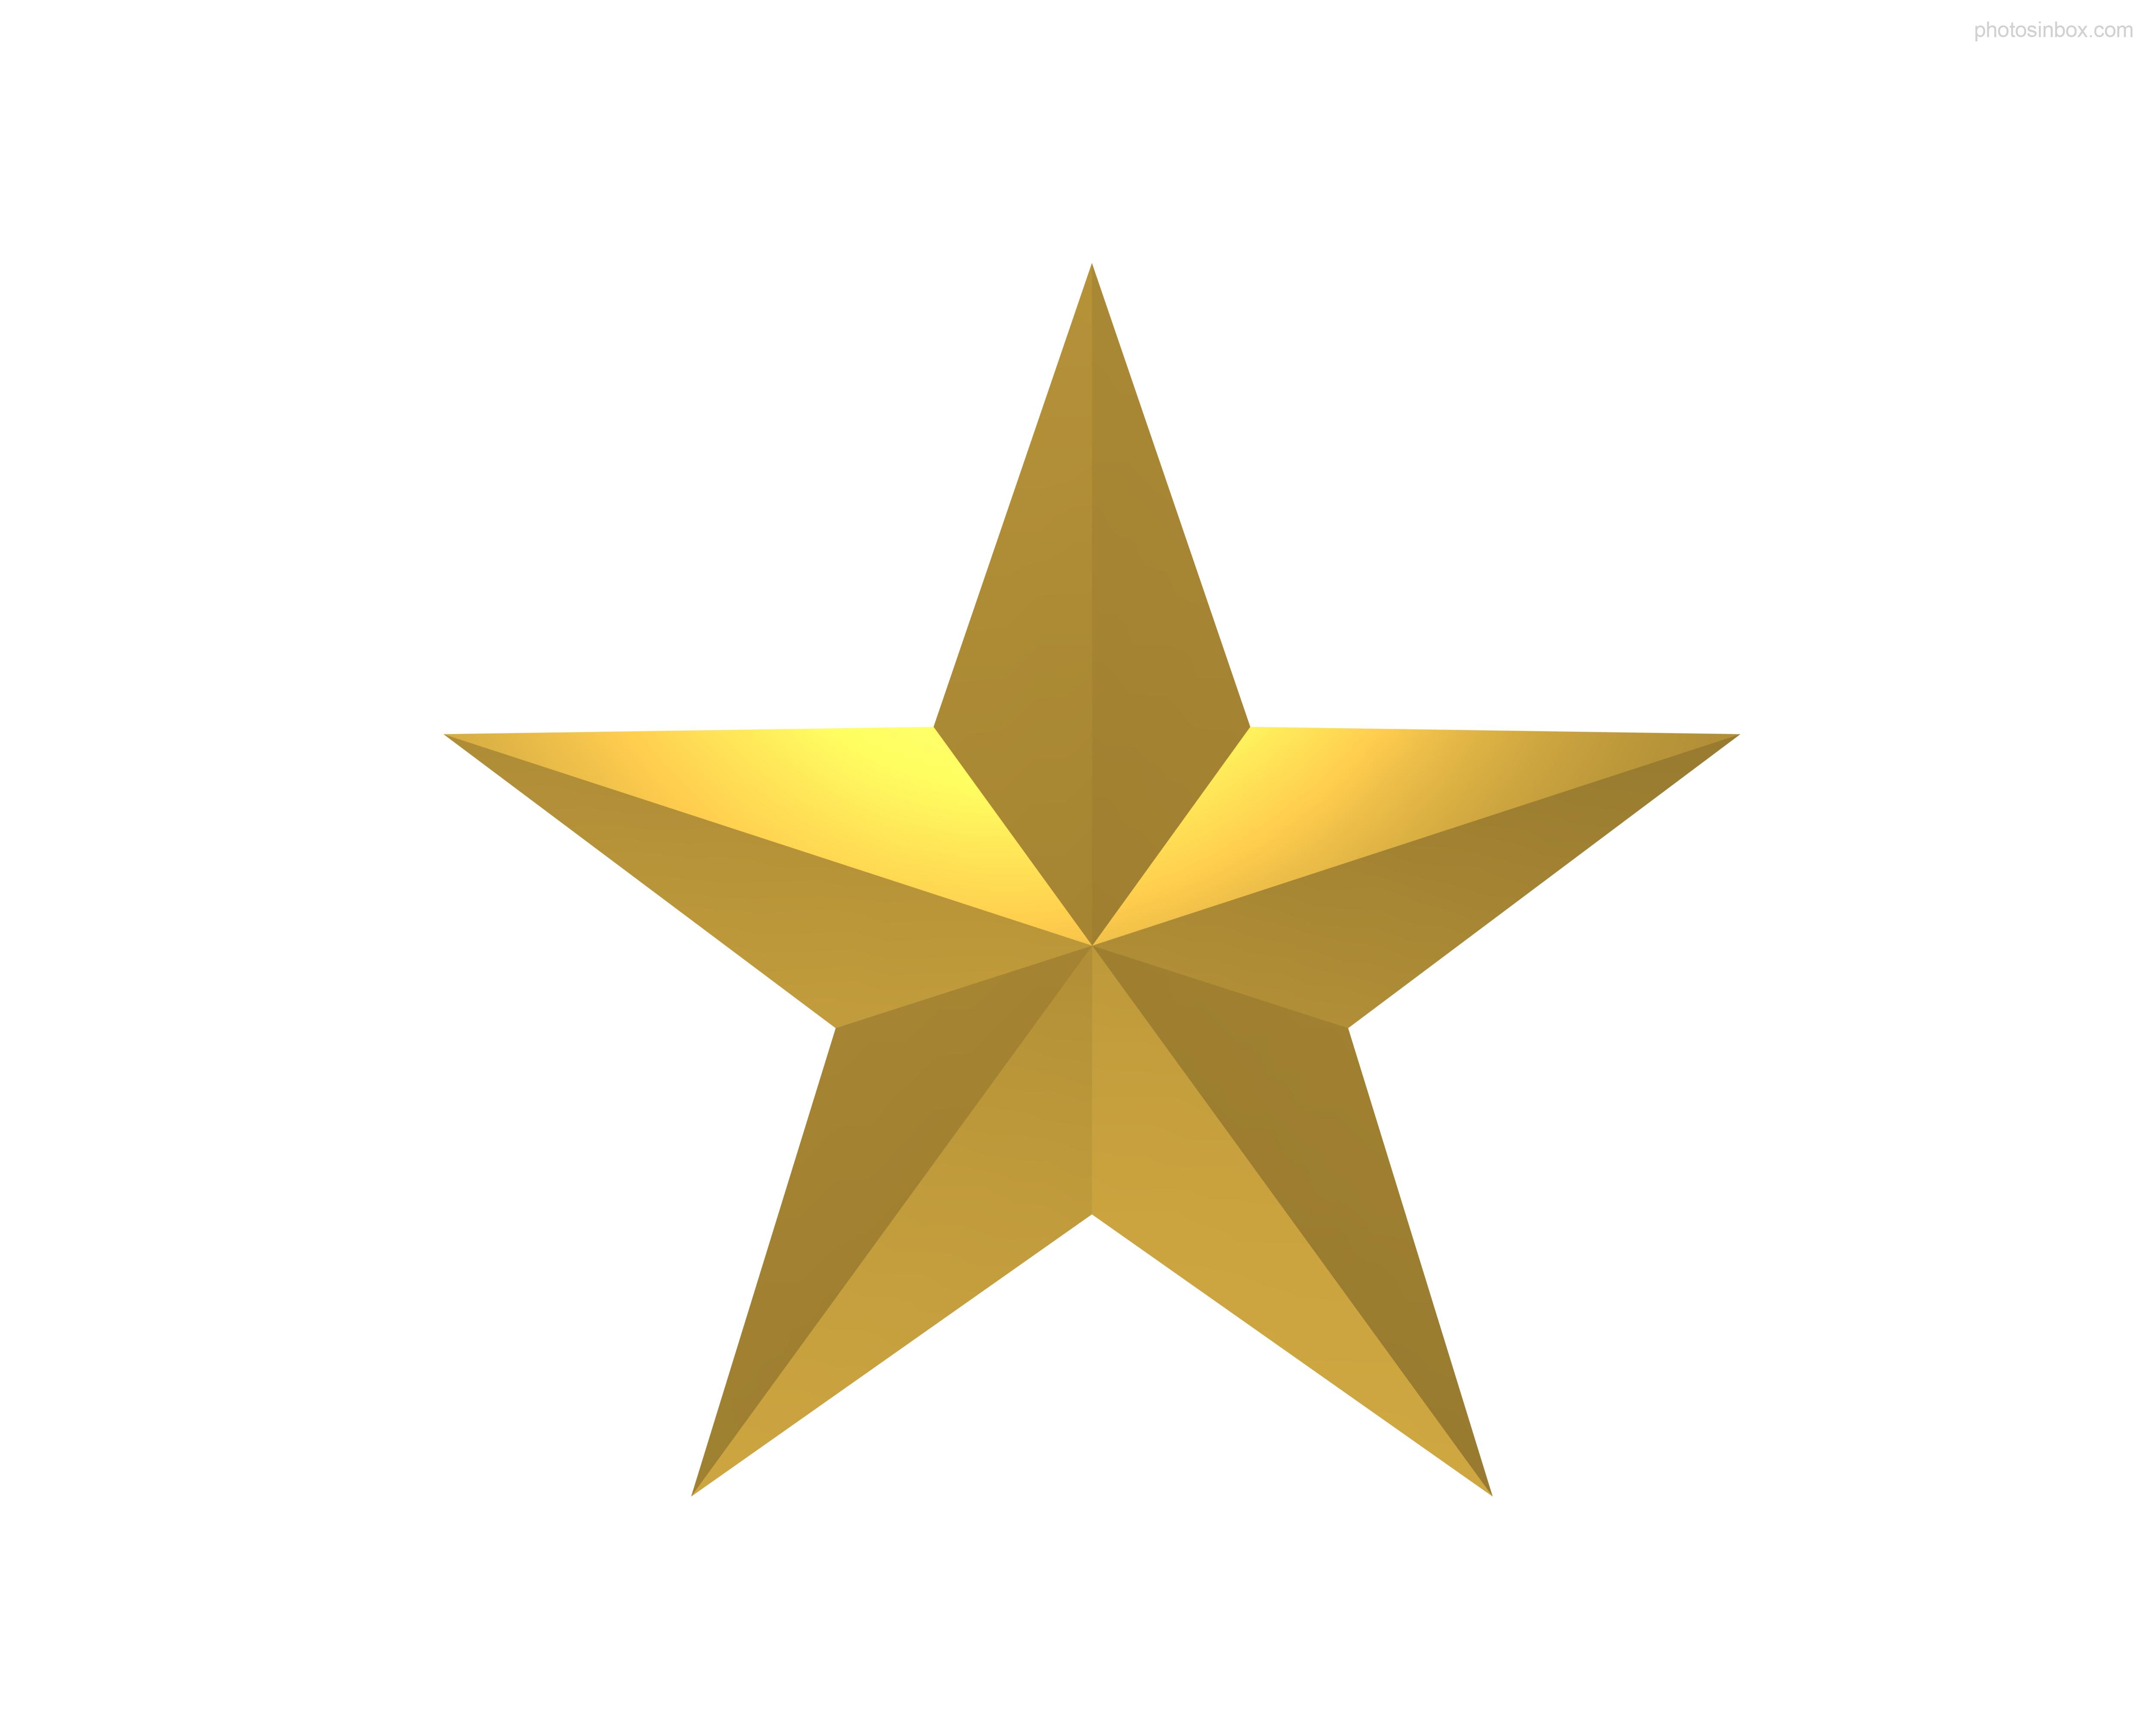 5000x4000 Stars Clipart Golden